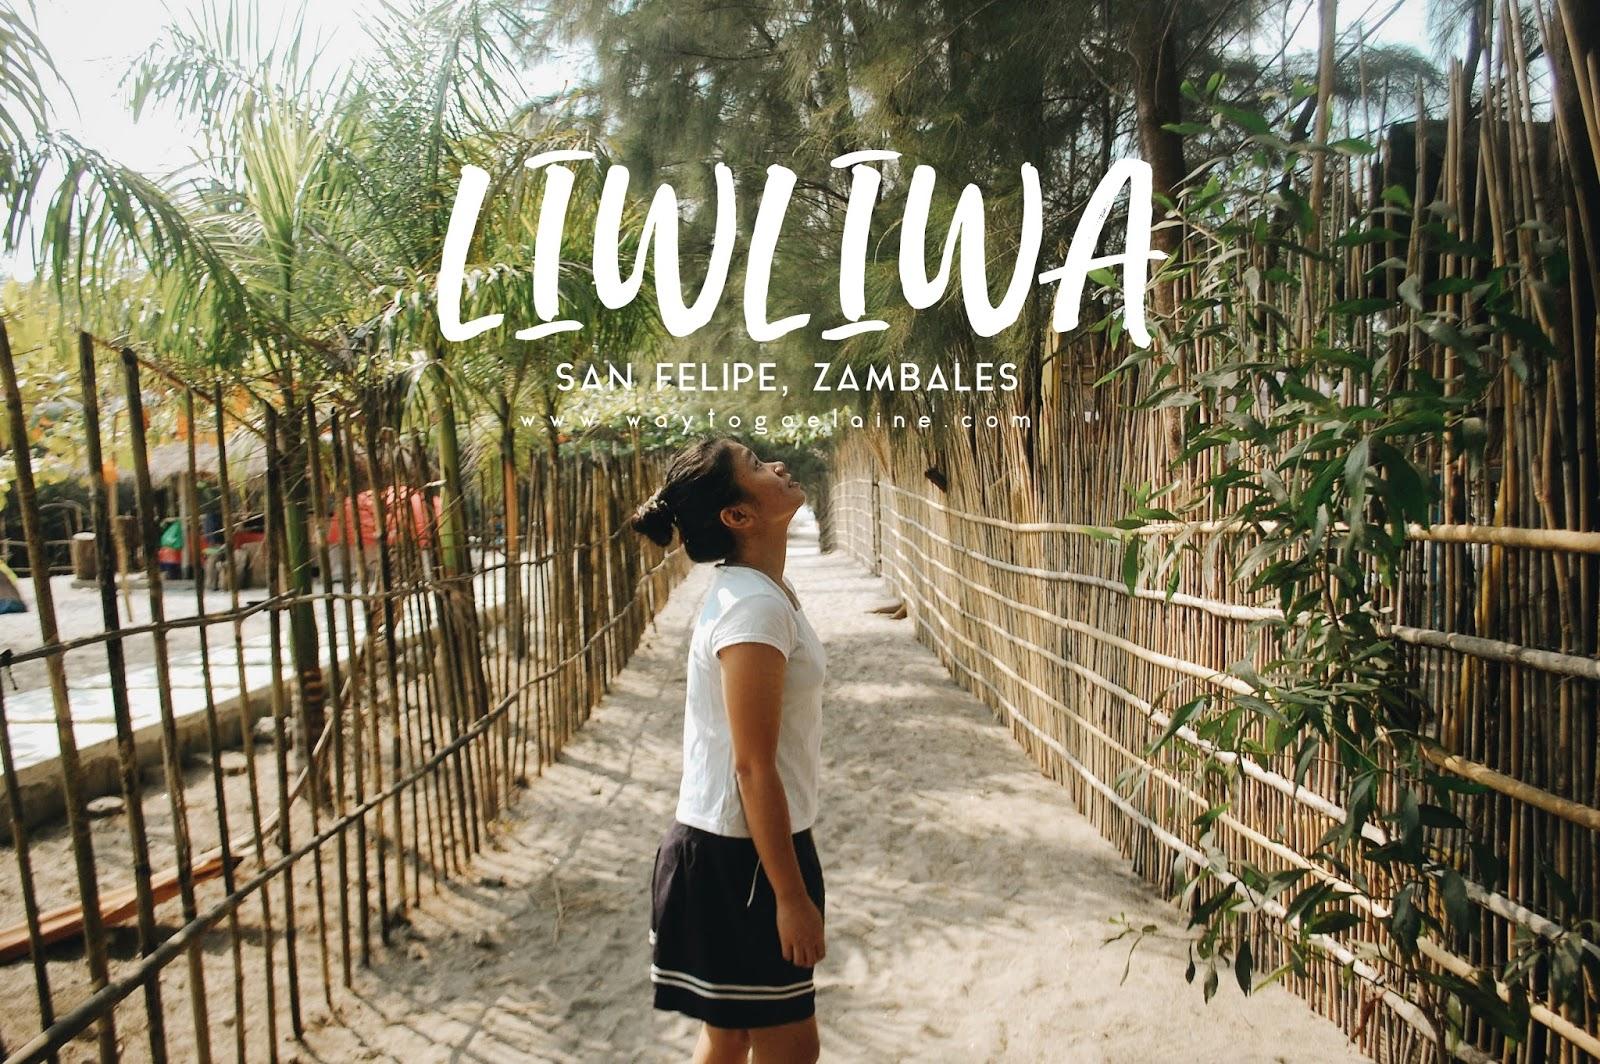 Liwliwa 1